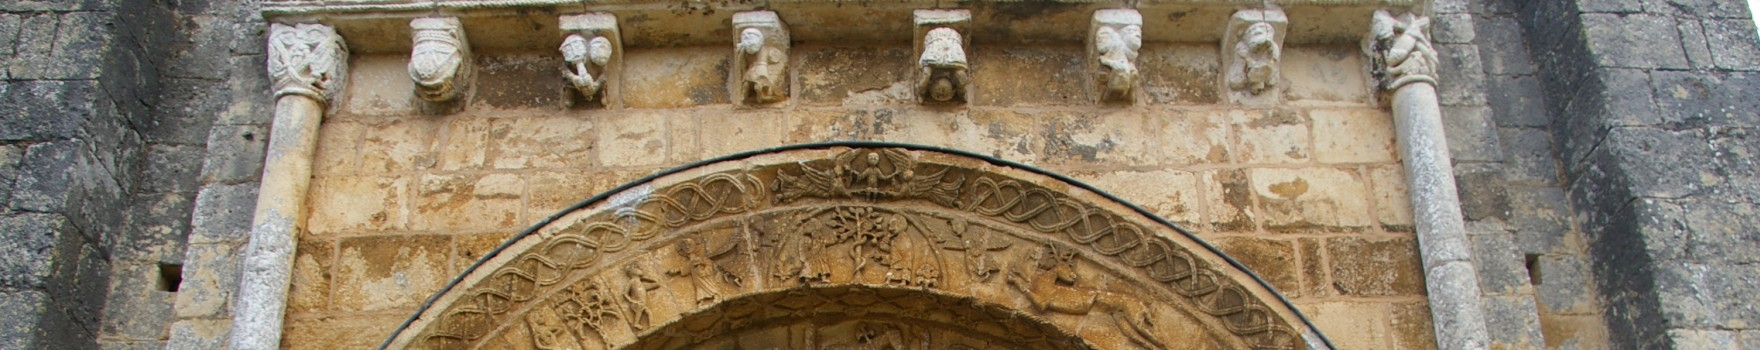 Abbayes et églises - Dordogne